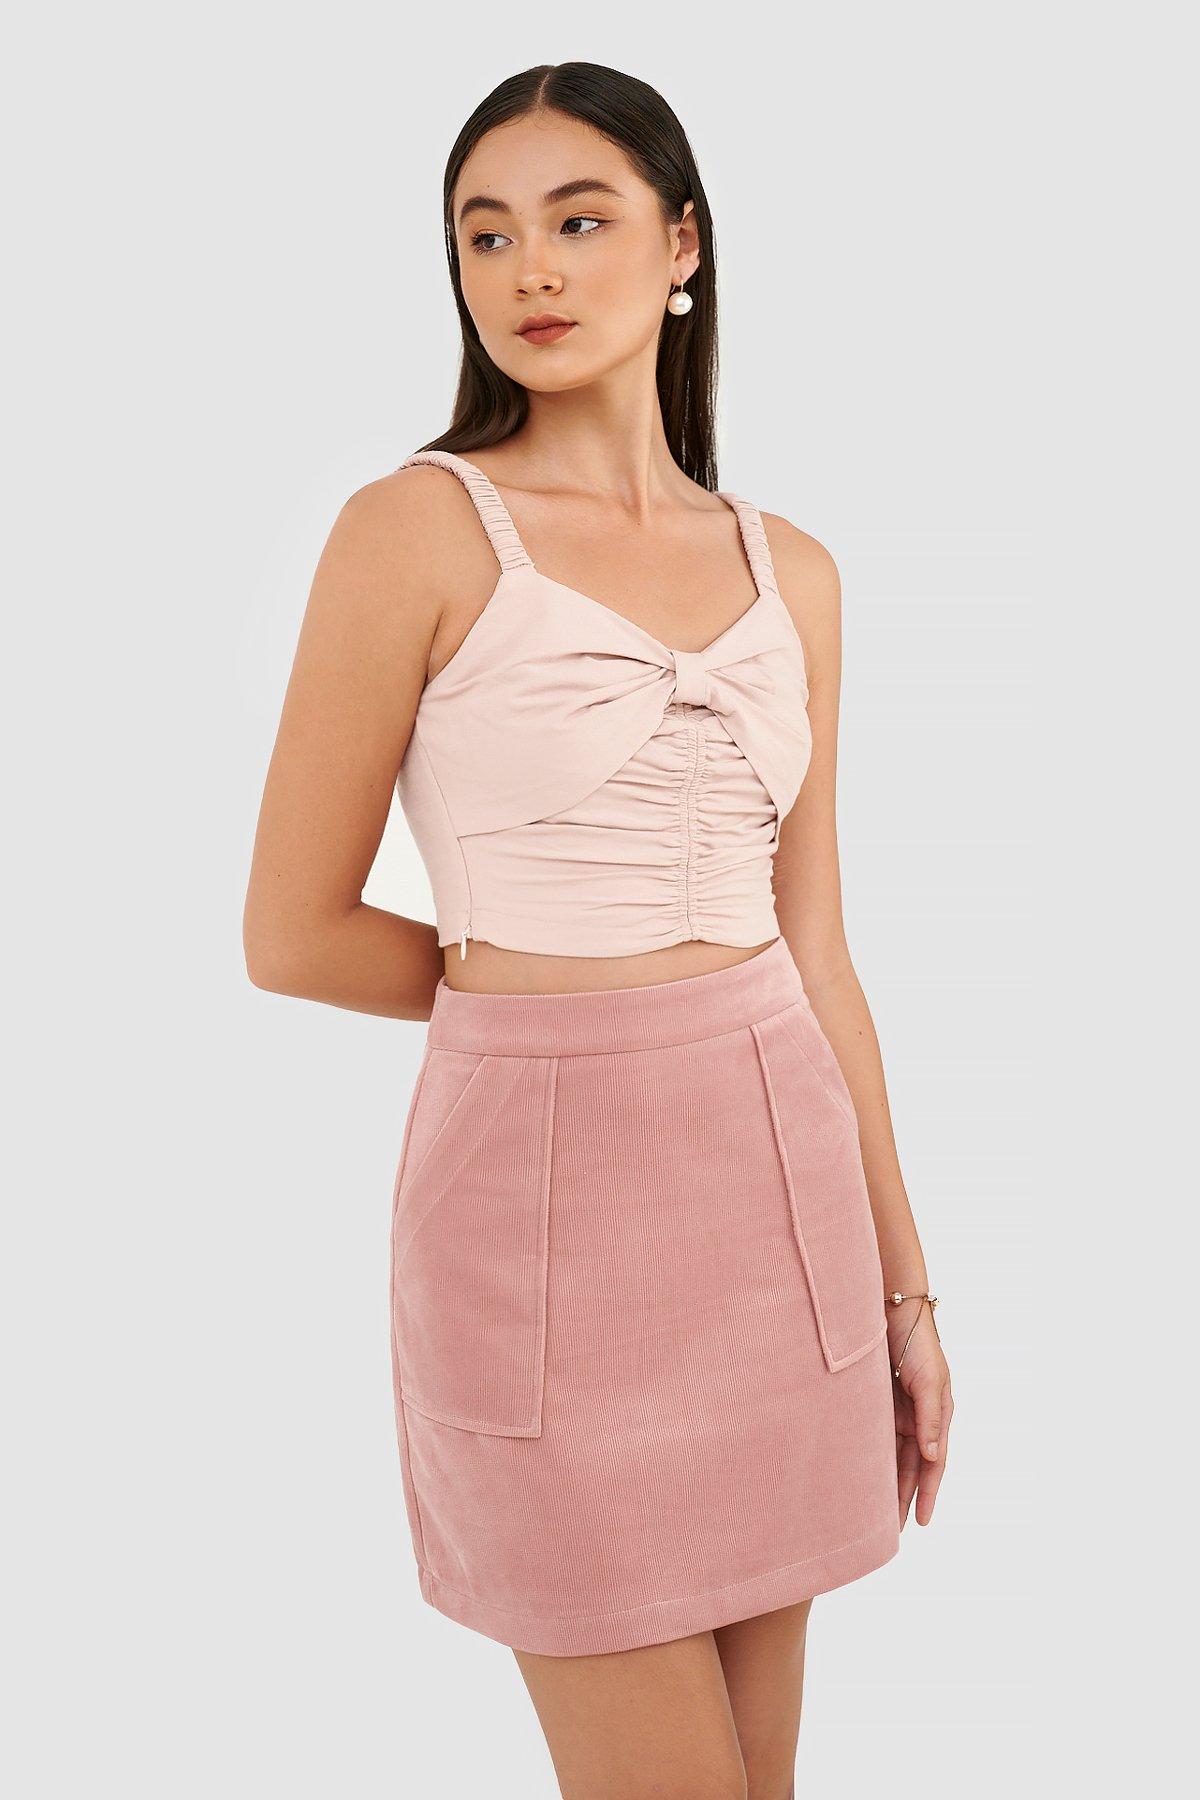 Váy mini đắp túi nhung